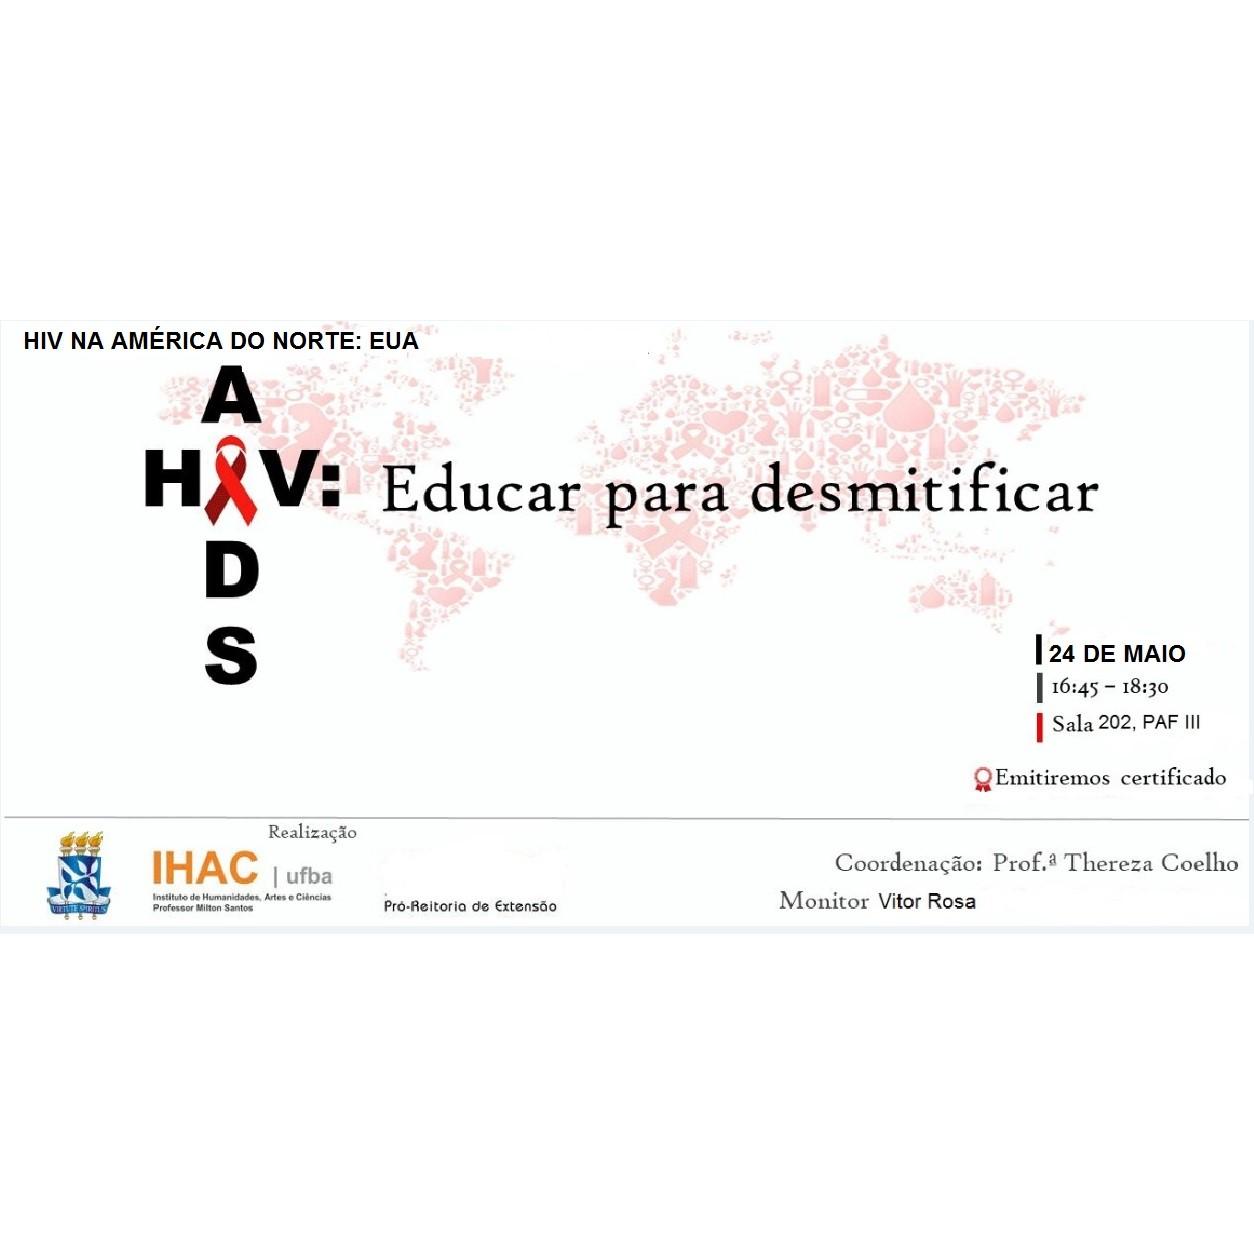 """Próximo encontro """"HIV/AIDS: Educar para desmistificar"""" acontece no dia 24 de maio"""